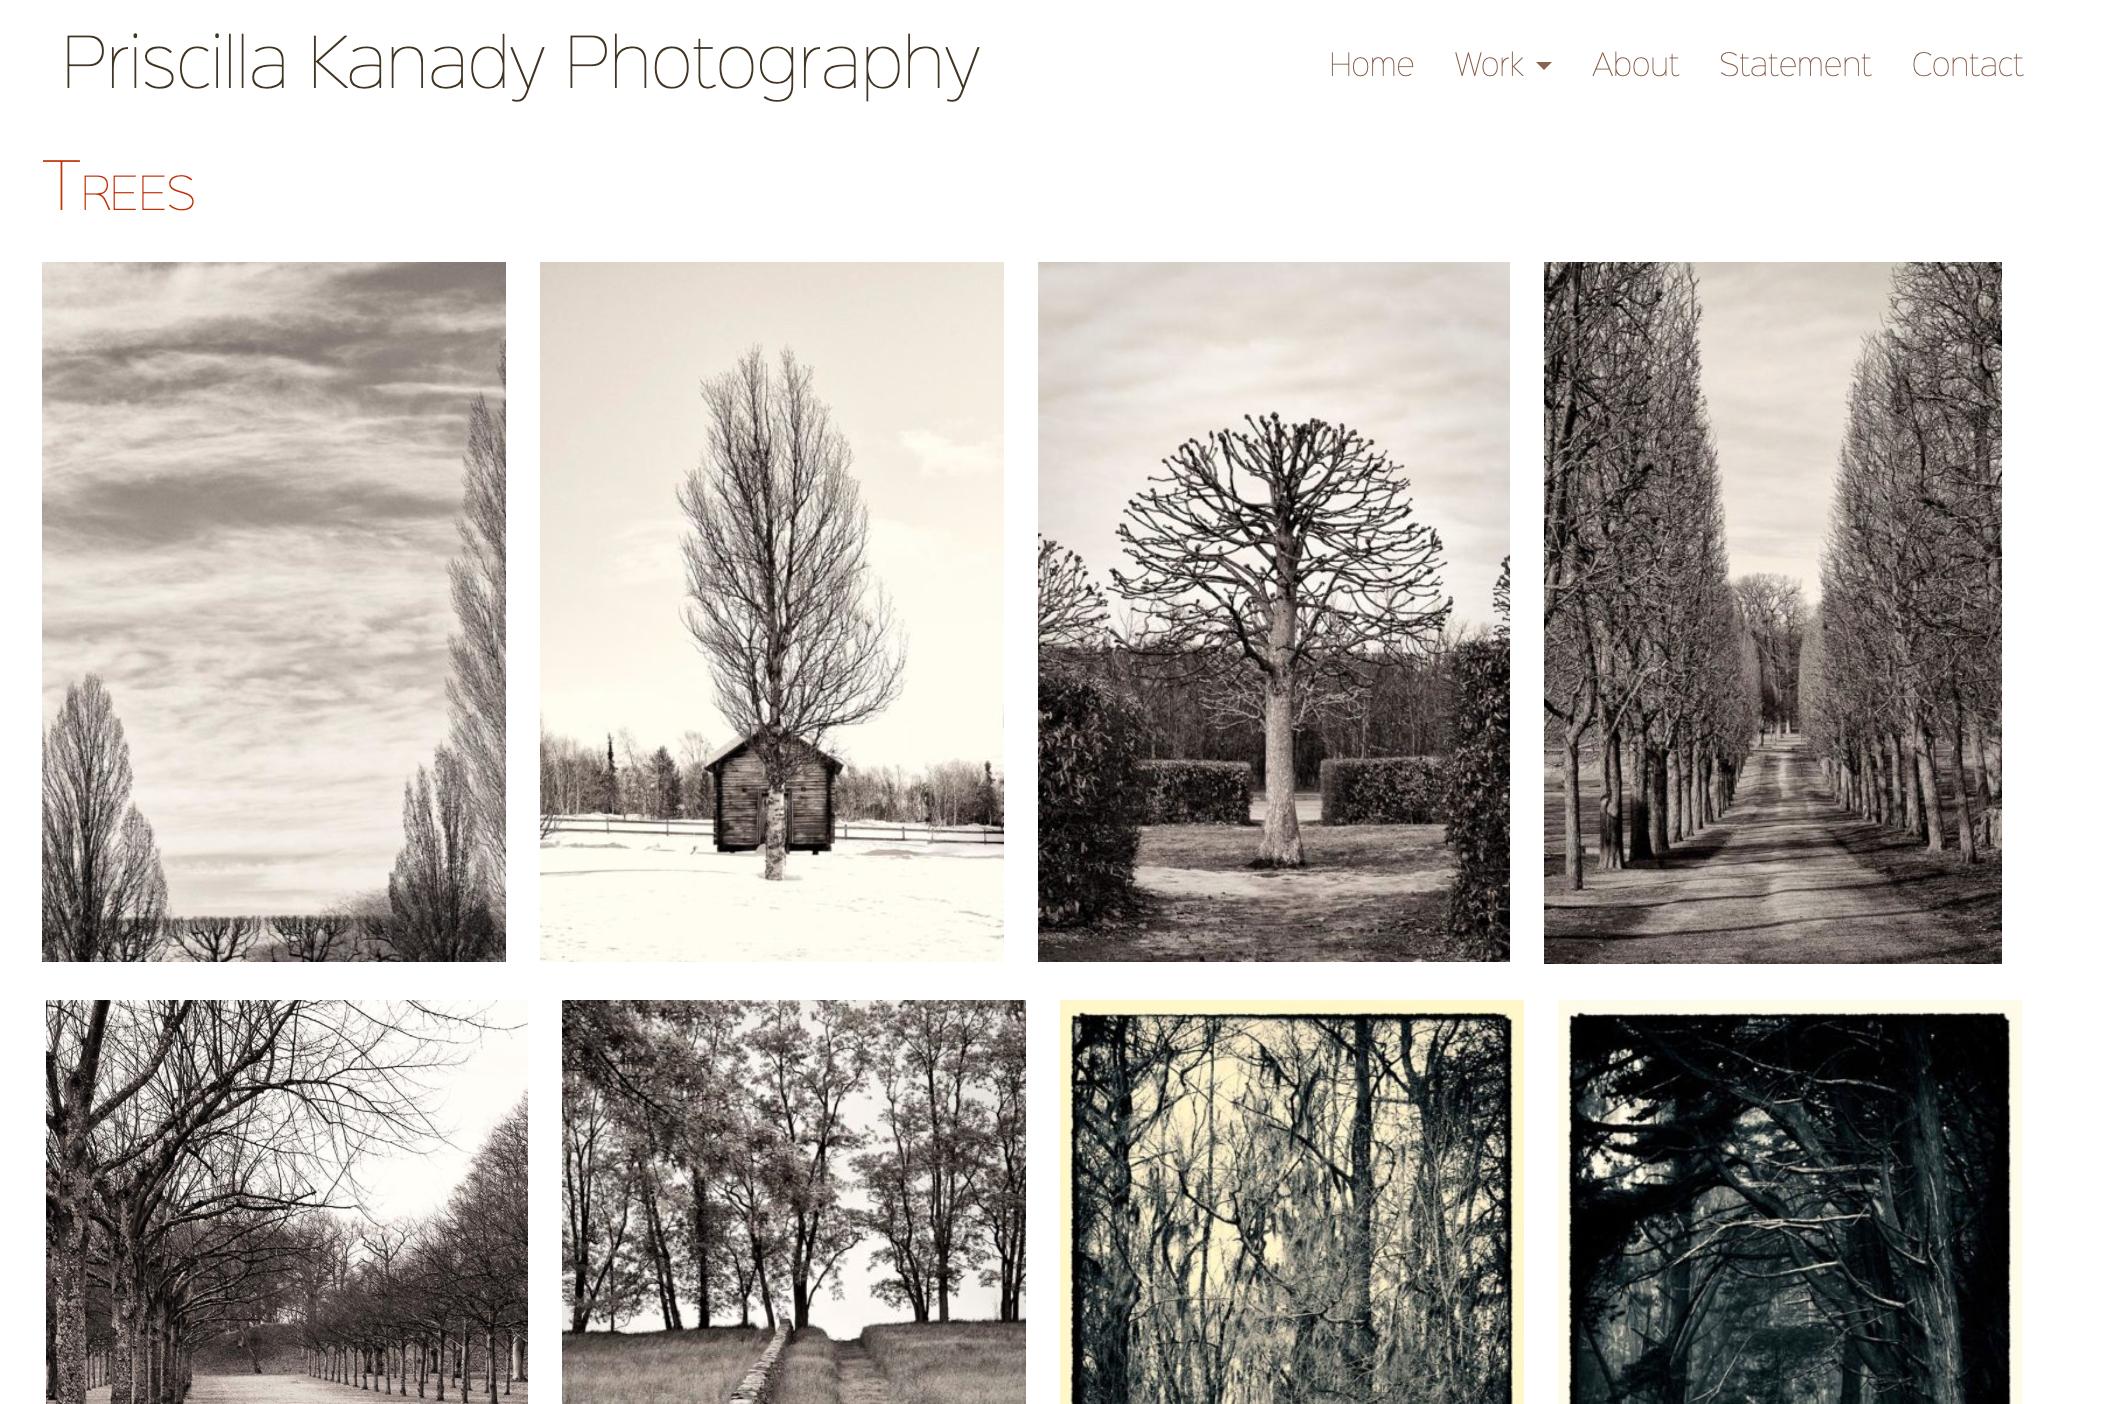 website design for a photographer